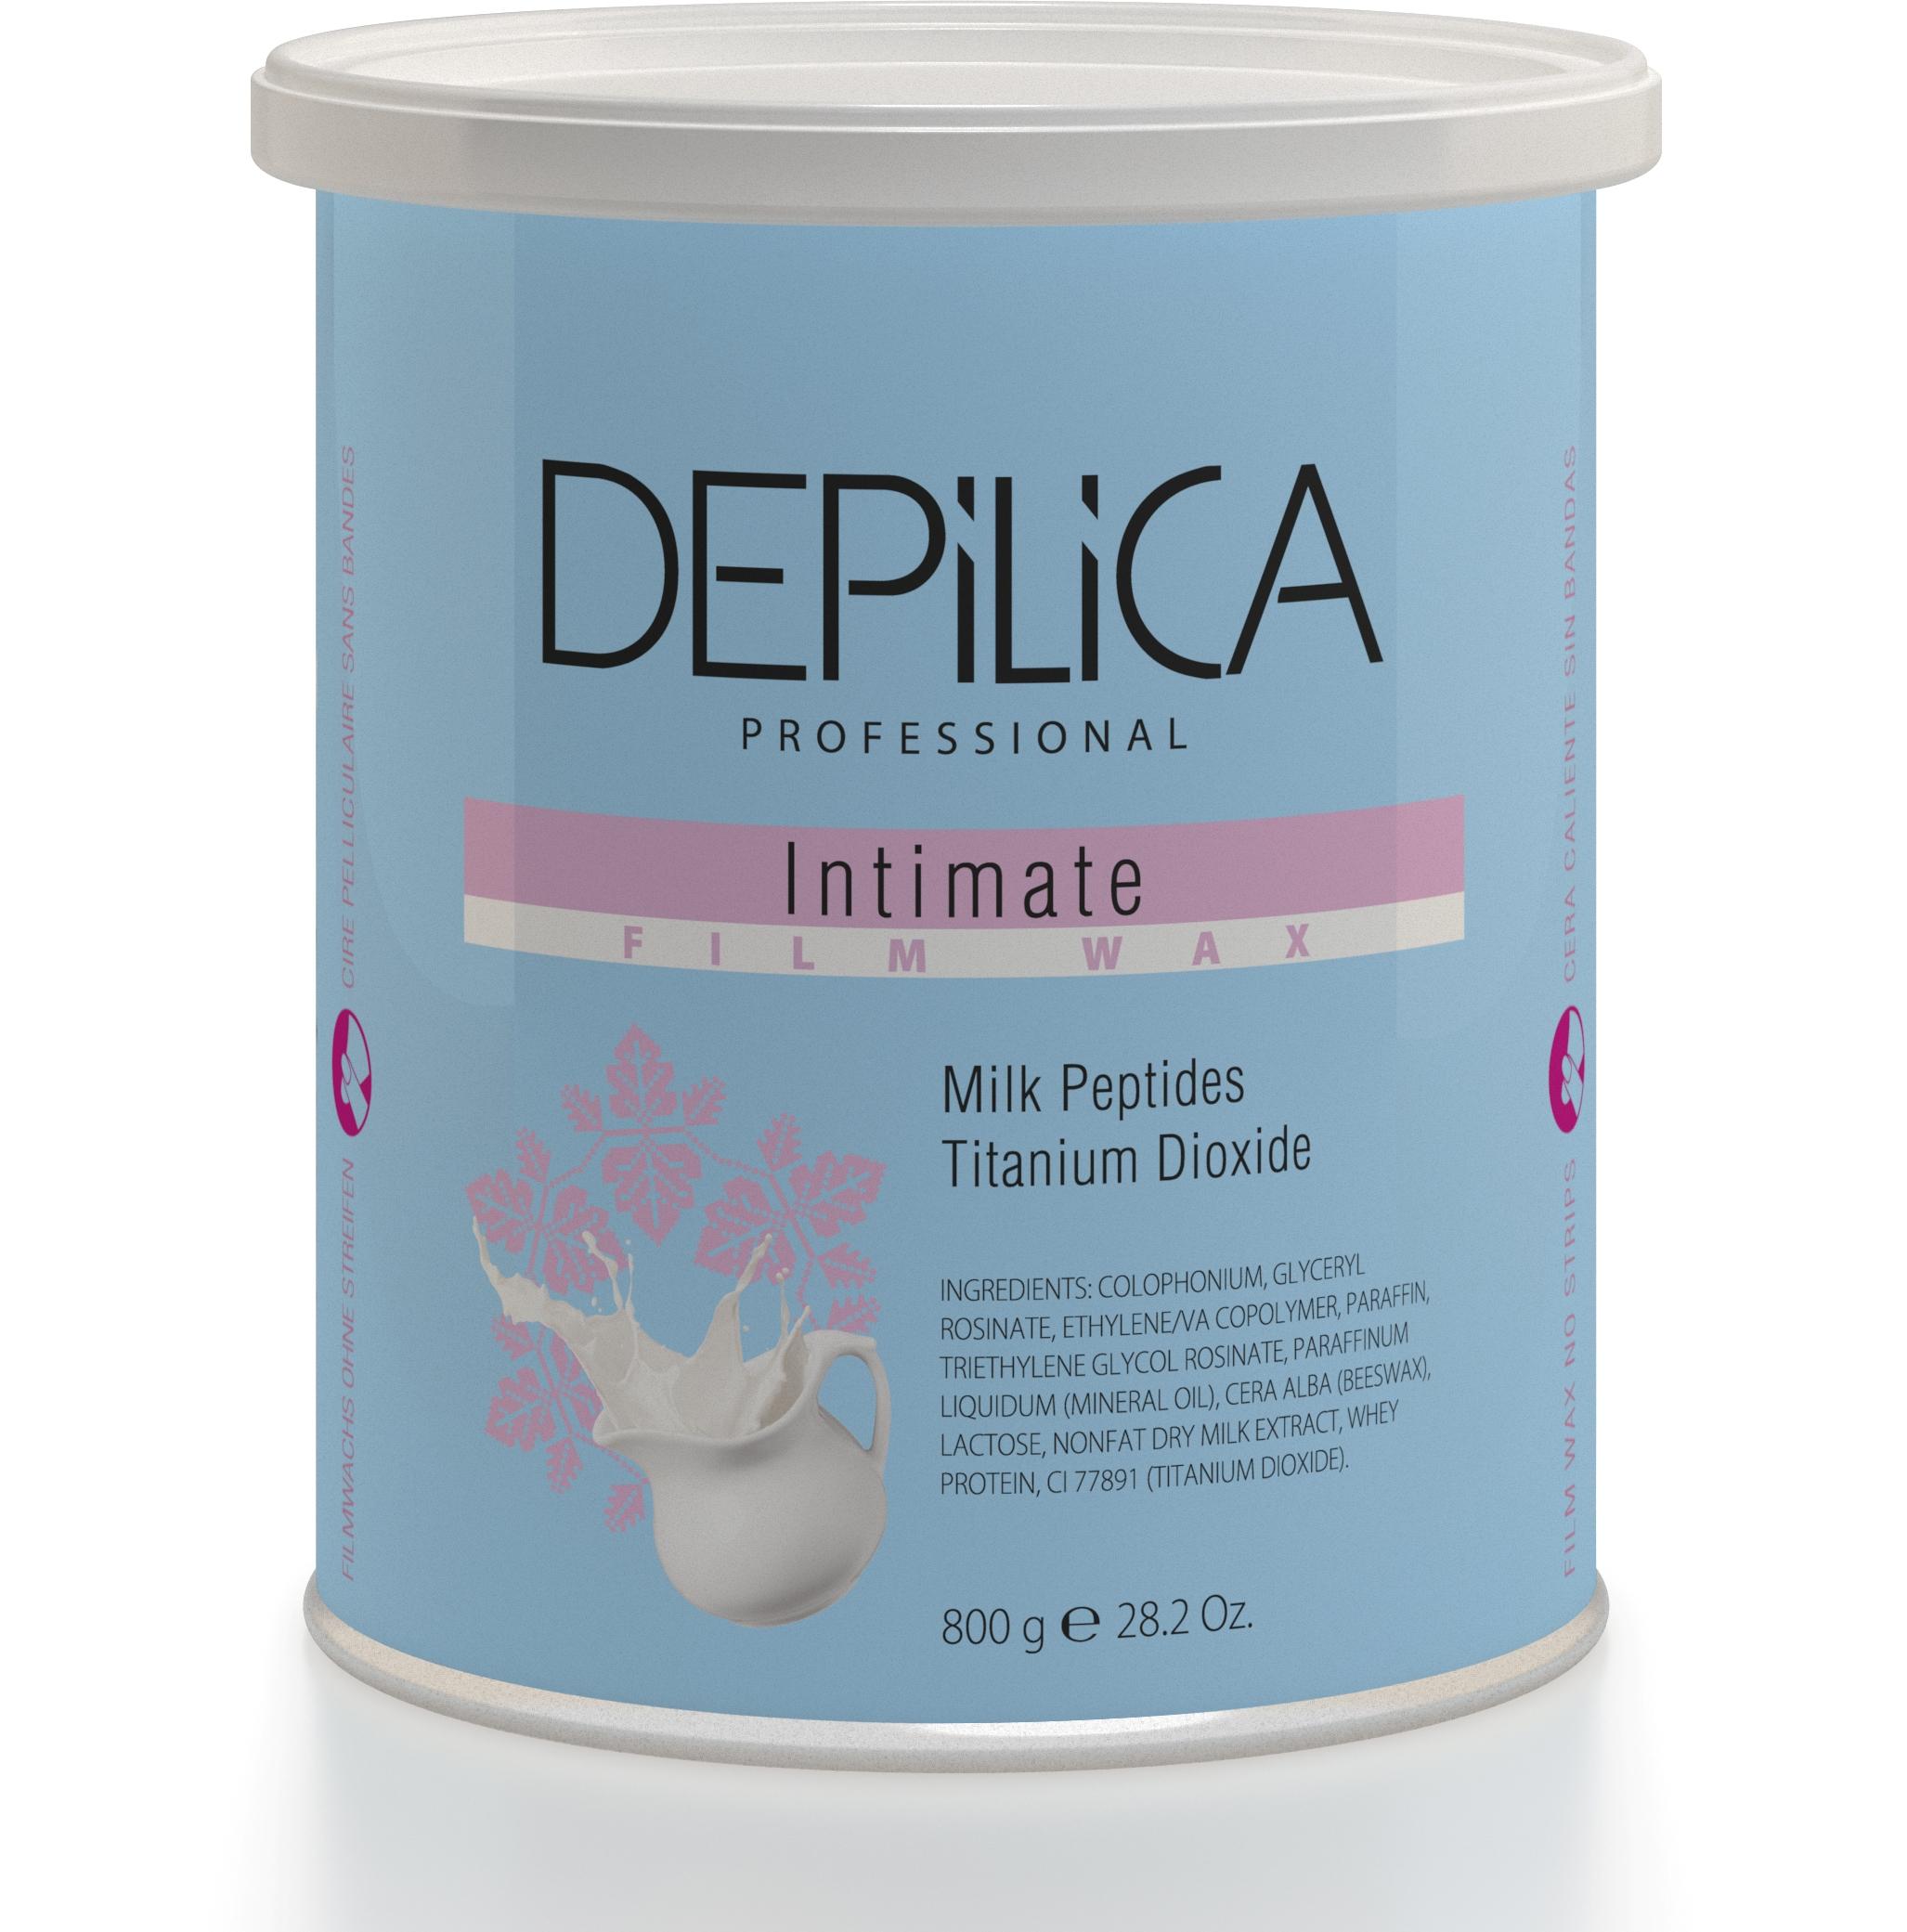 DEPILICA PROFESSIONAL Воск пленочный для интимной эпиляции / Intimate Film Wax 800грВоски<br>Молочные пептиды в составе воска предотвращают раздражение кожи, оказывают заживляющее действие. Диоксид титана смягчает кожу. Особо пластичная кремовая текстура обеспечивает эффективную эпиляцию деликатных зон. Идеален для удаления жестких волос.<br>